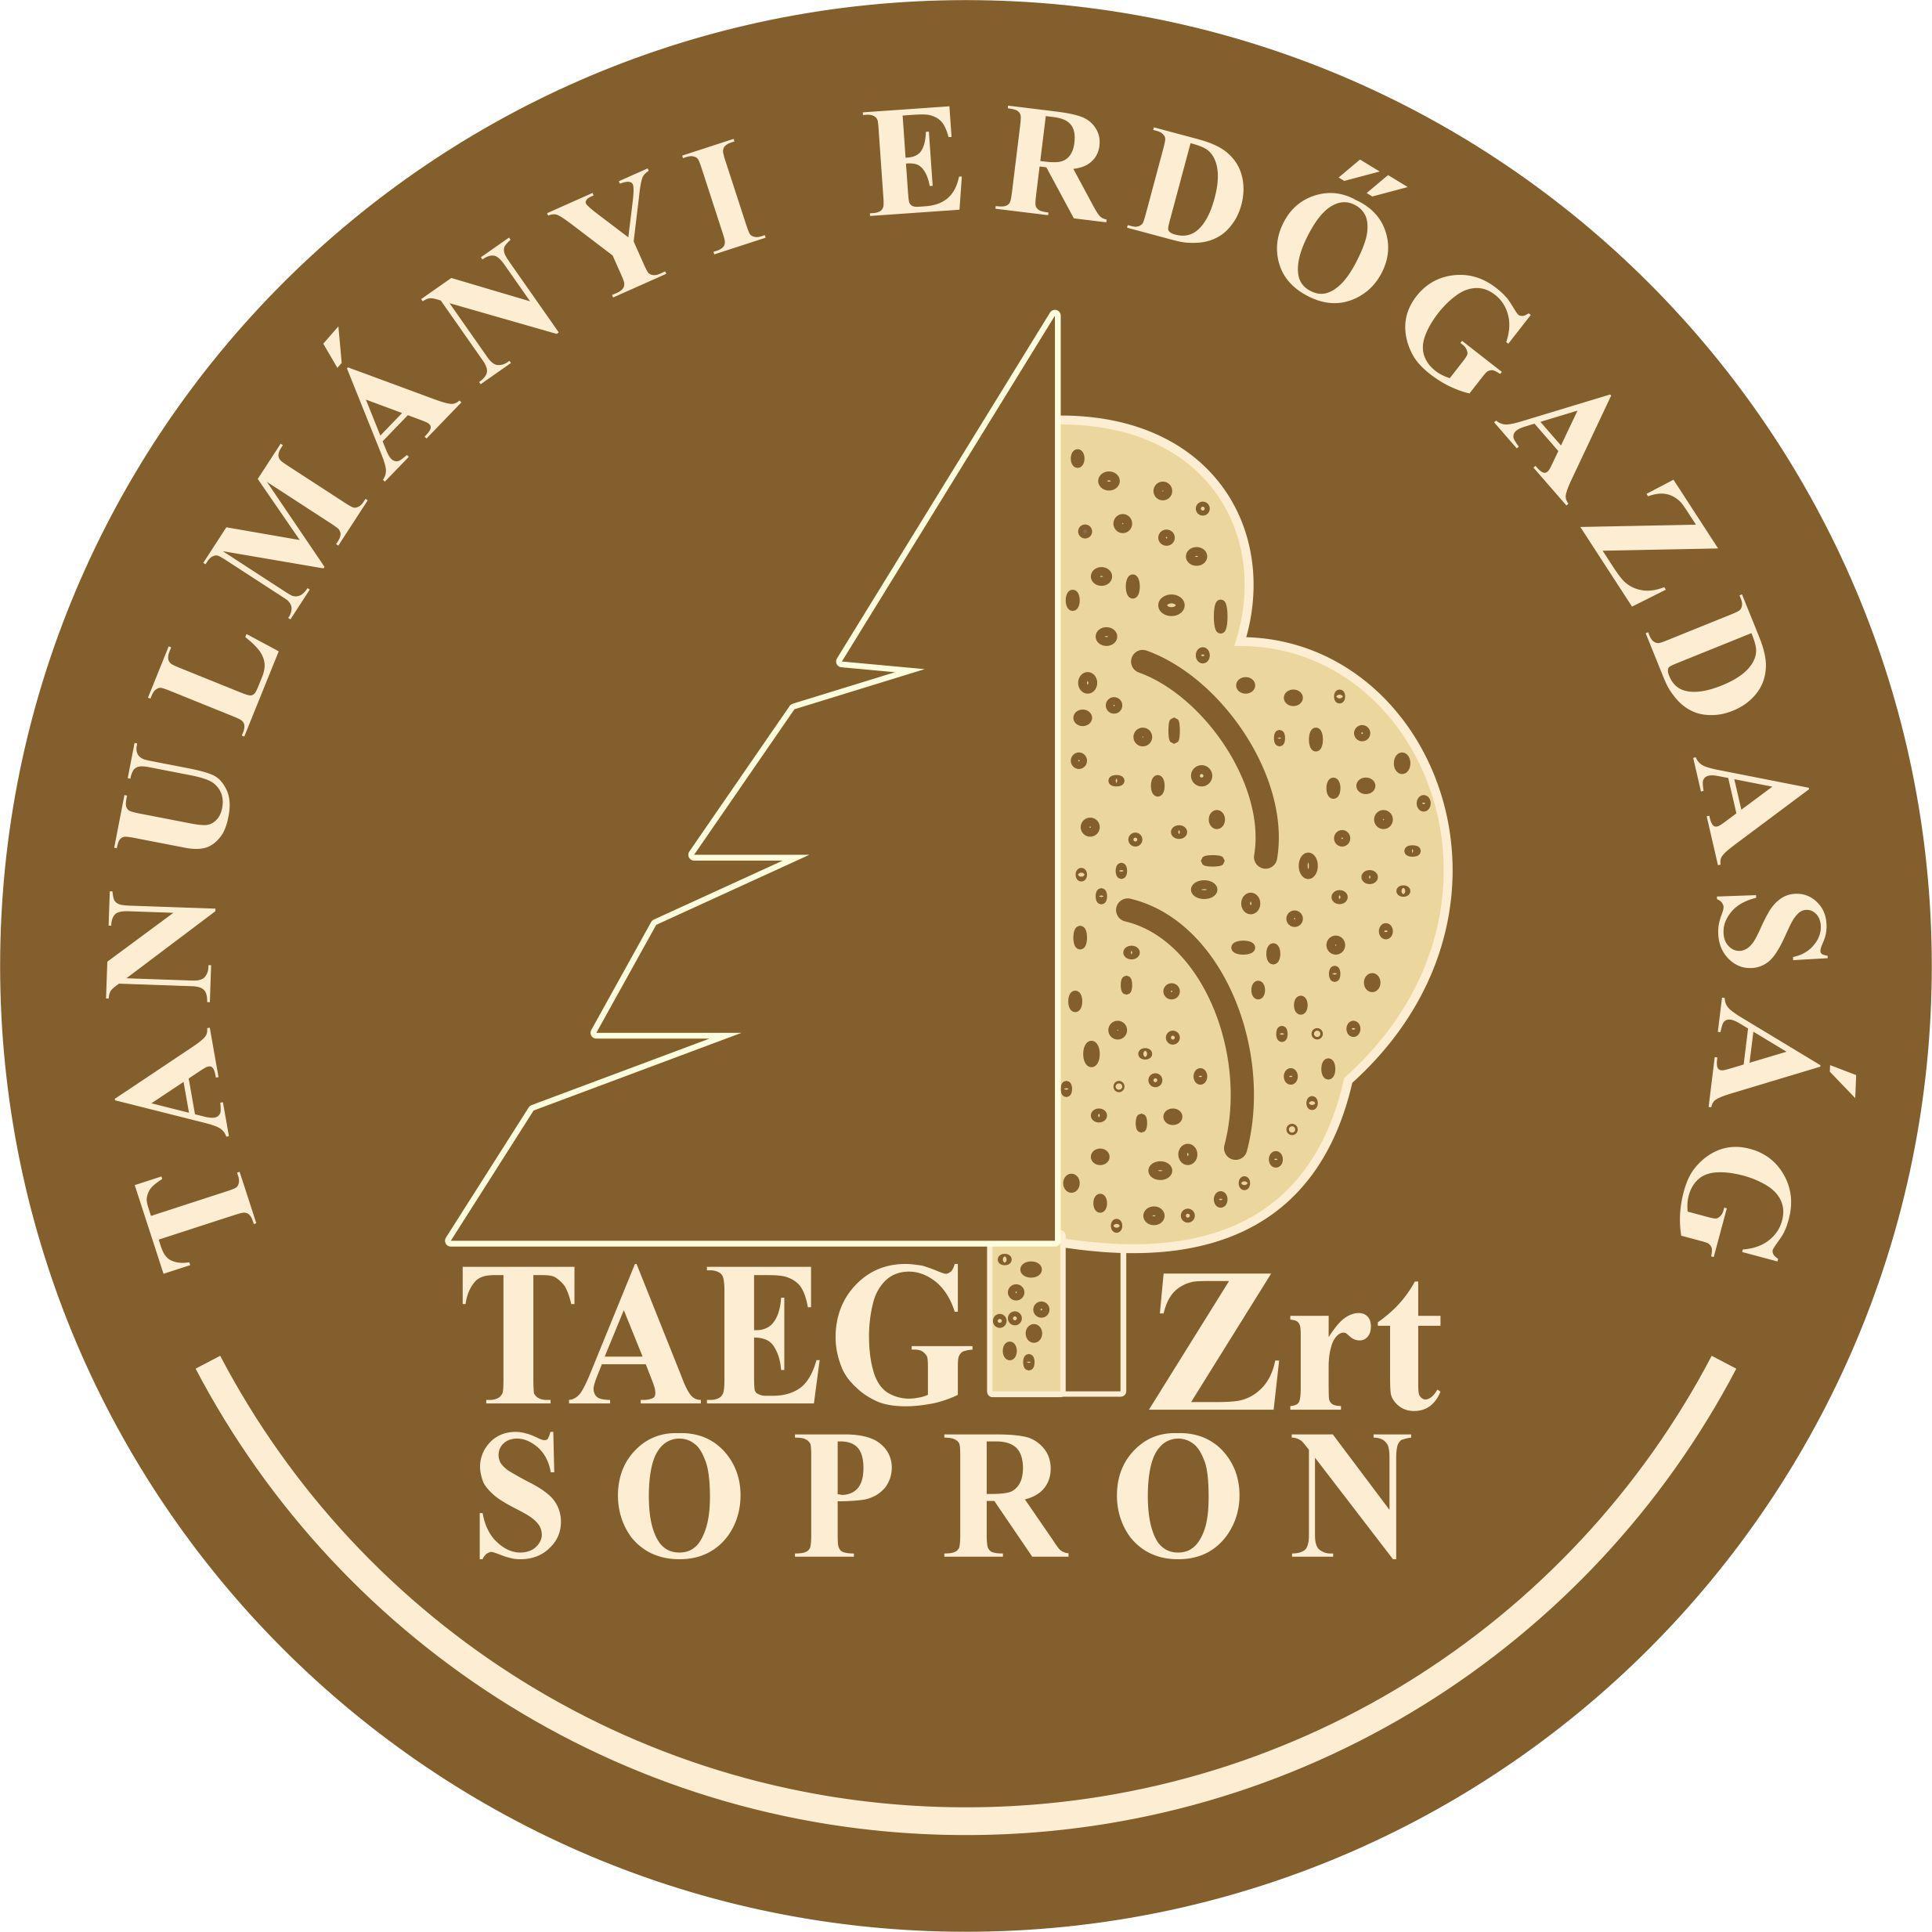 TAEG 2014 145